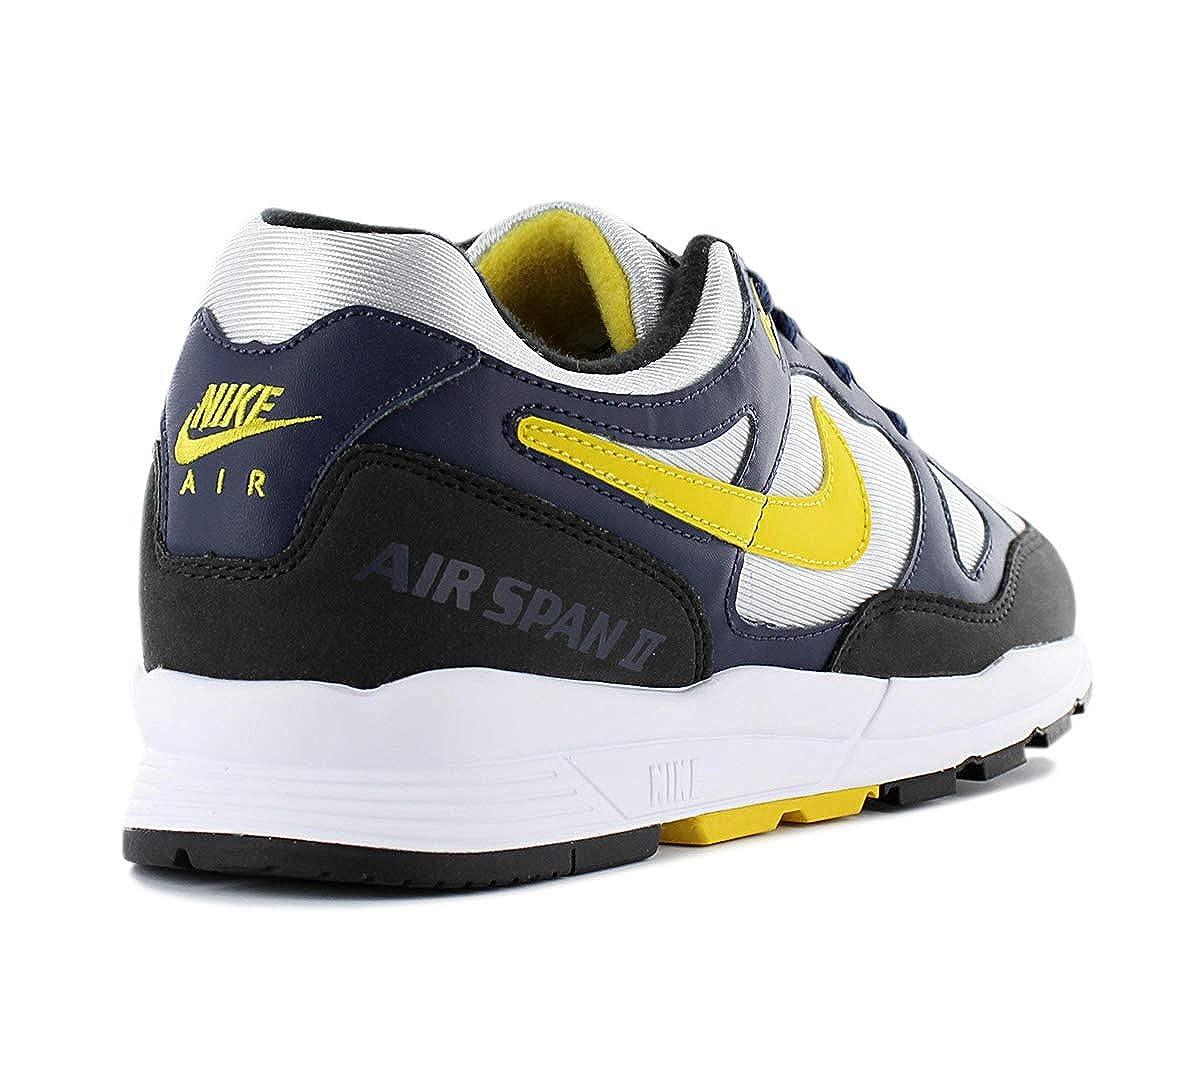 Nike Herren Air Span Ii Laufschuhe, schwarzweiß, 8.0 EU